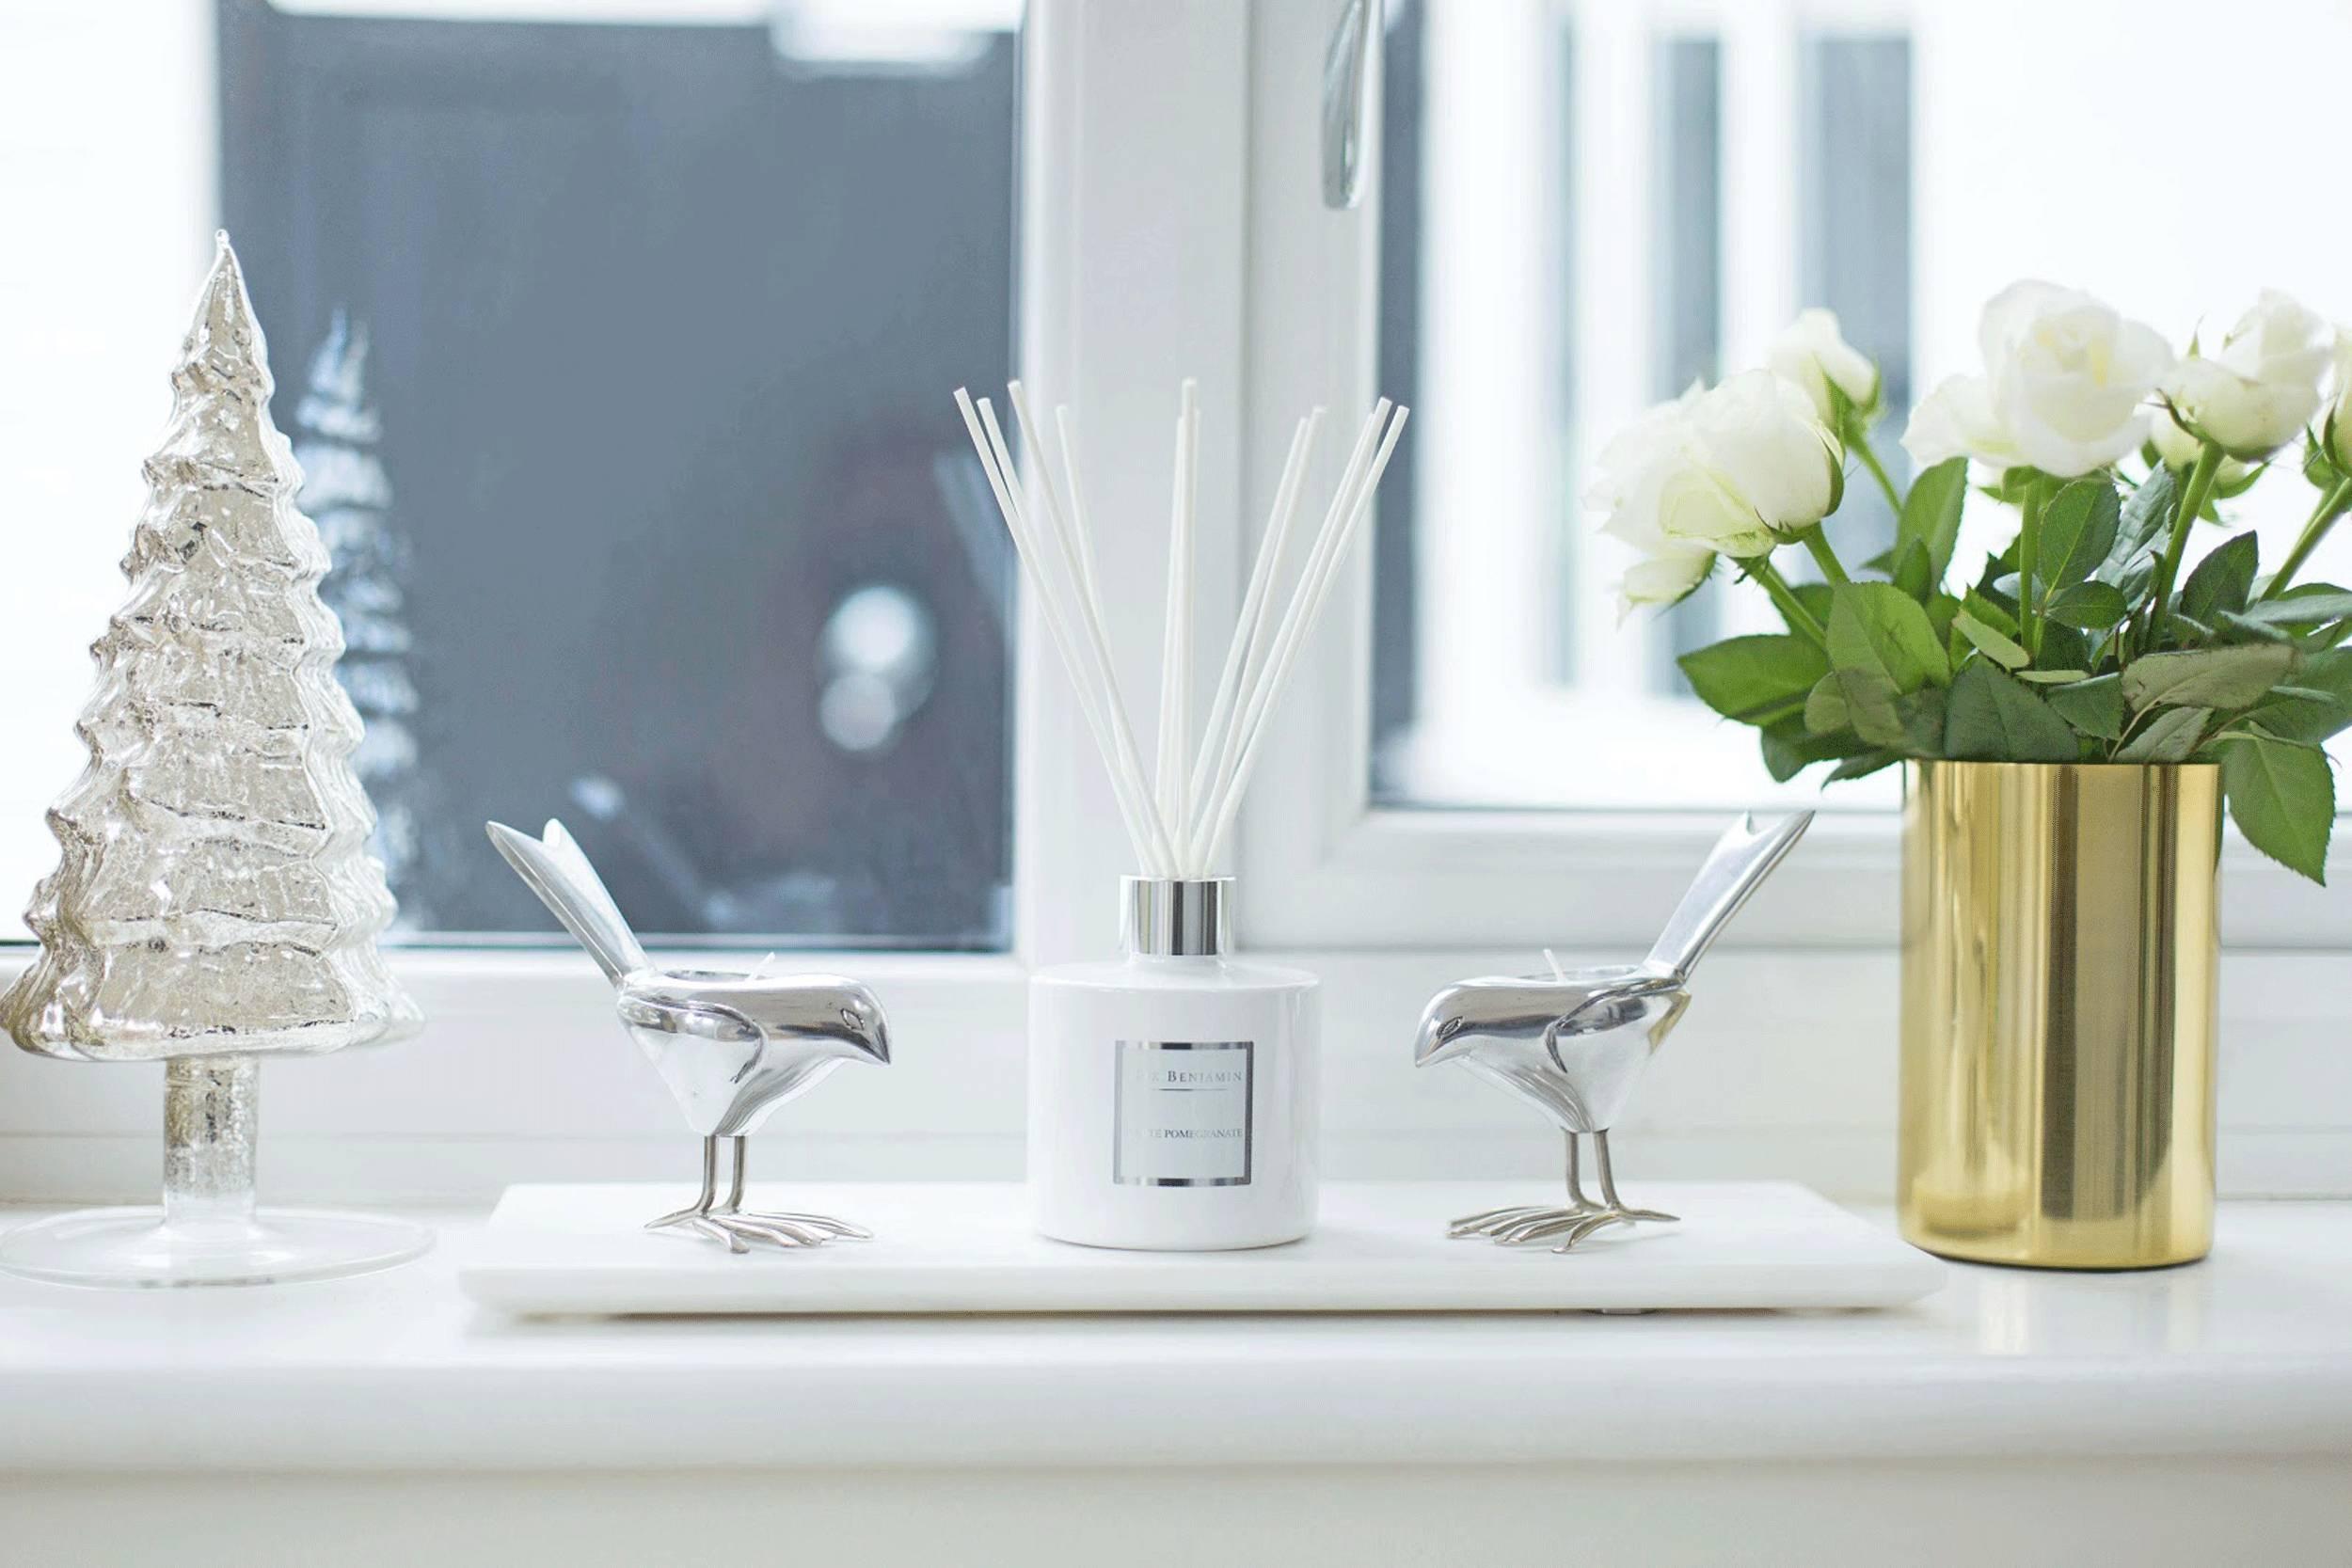 让室内香氛营建自己的气味宫殿,一场香气环绕